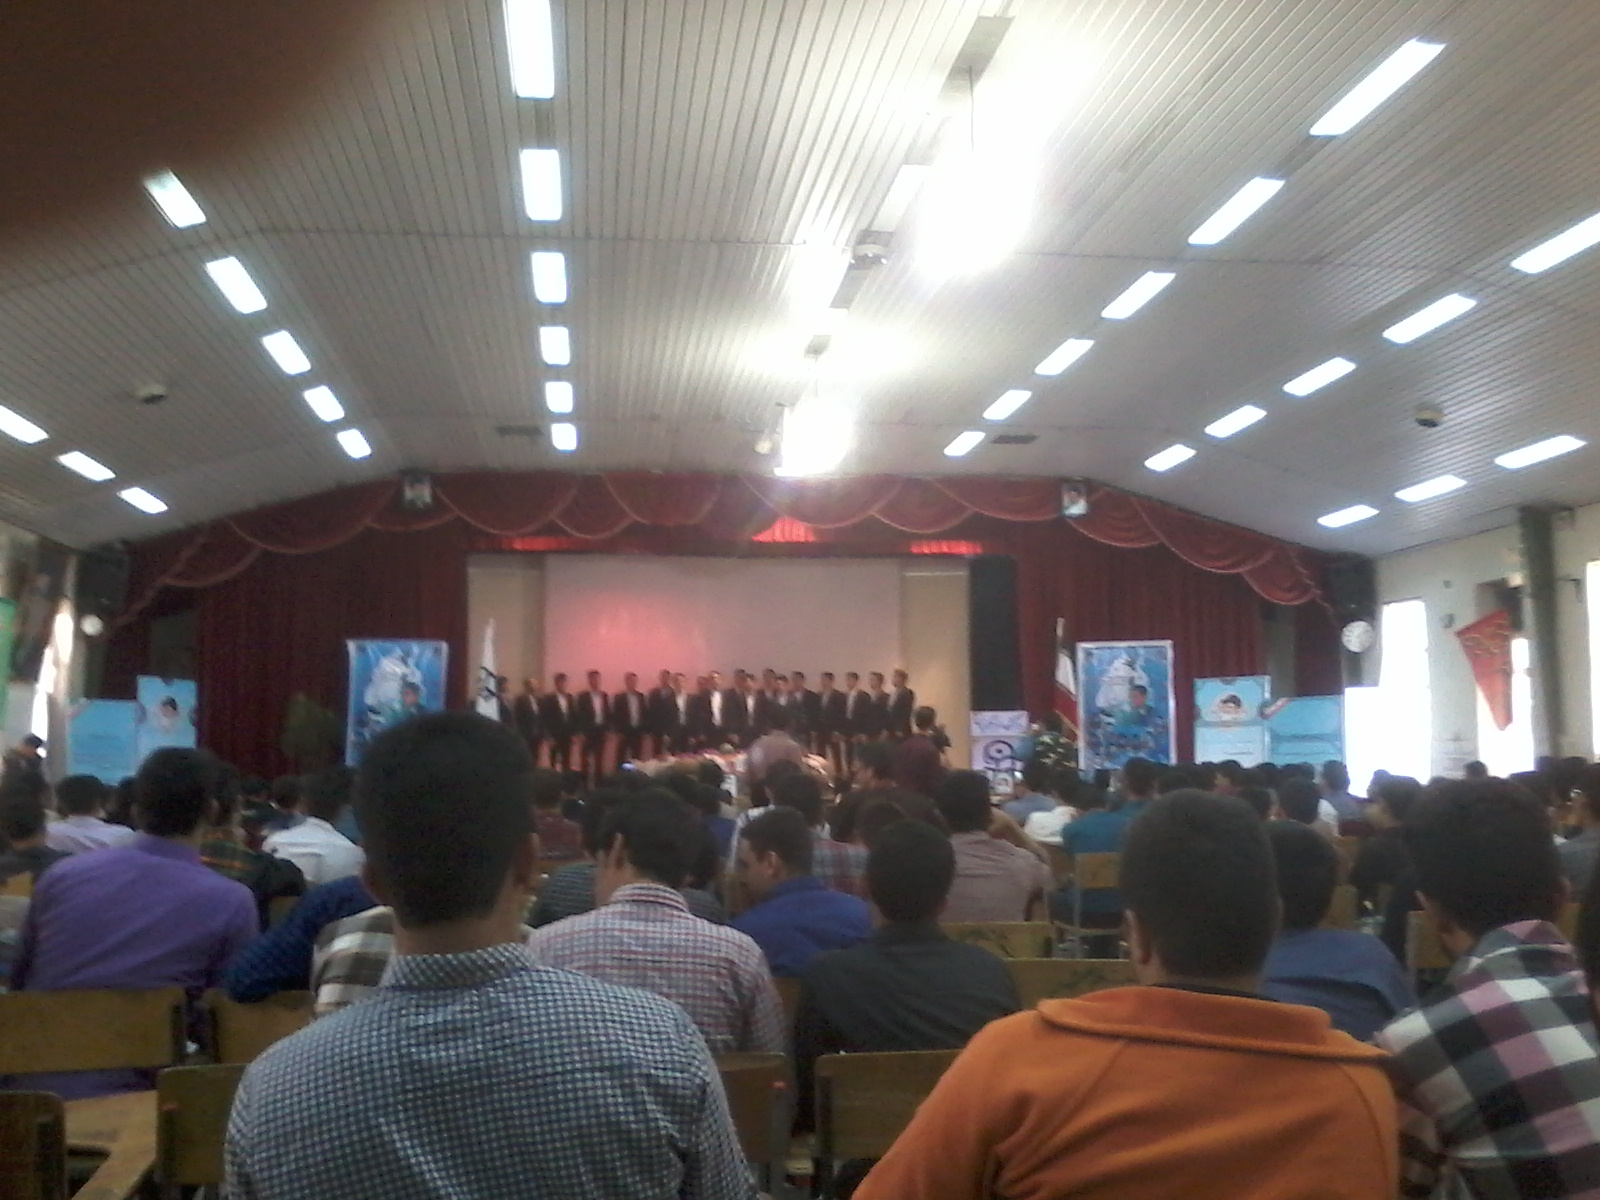 برگزاری مراسم گرامیداشت شهدای مرکز تربیت معلم شهید آیت نجف آباد